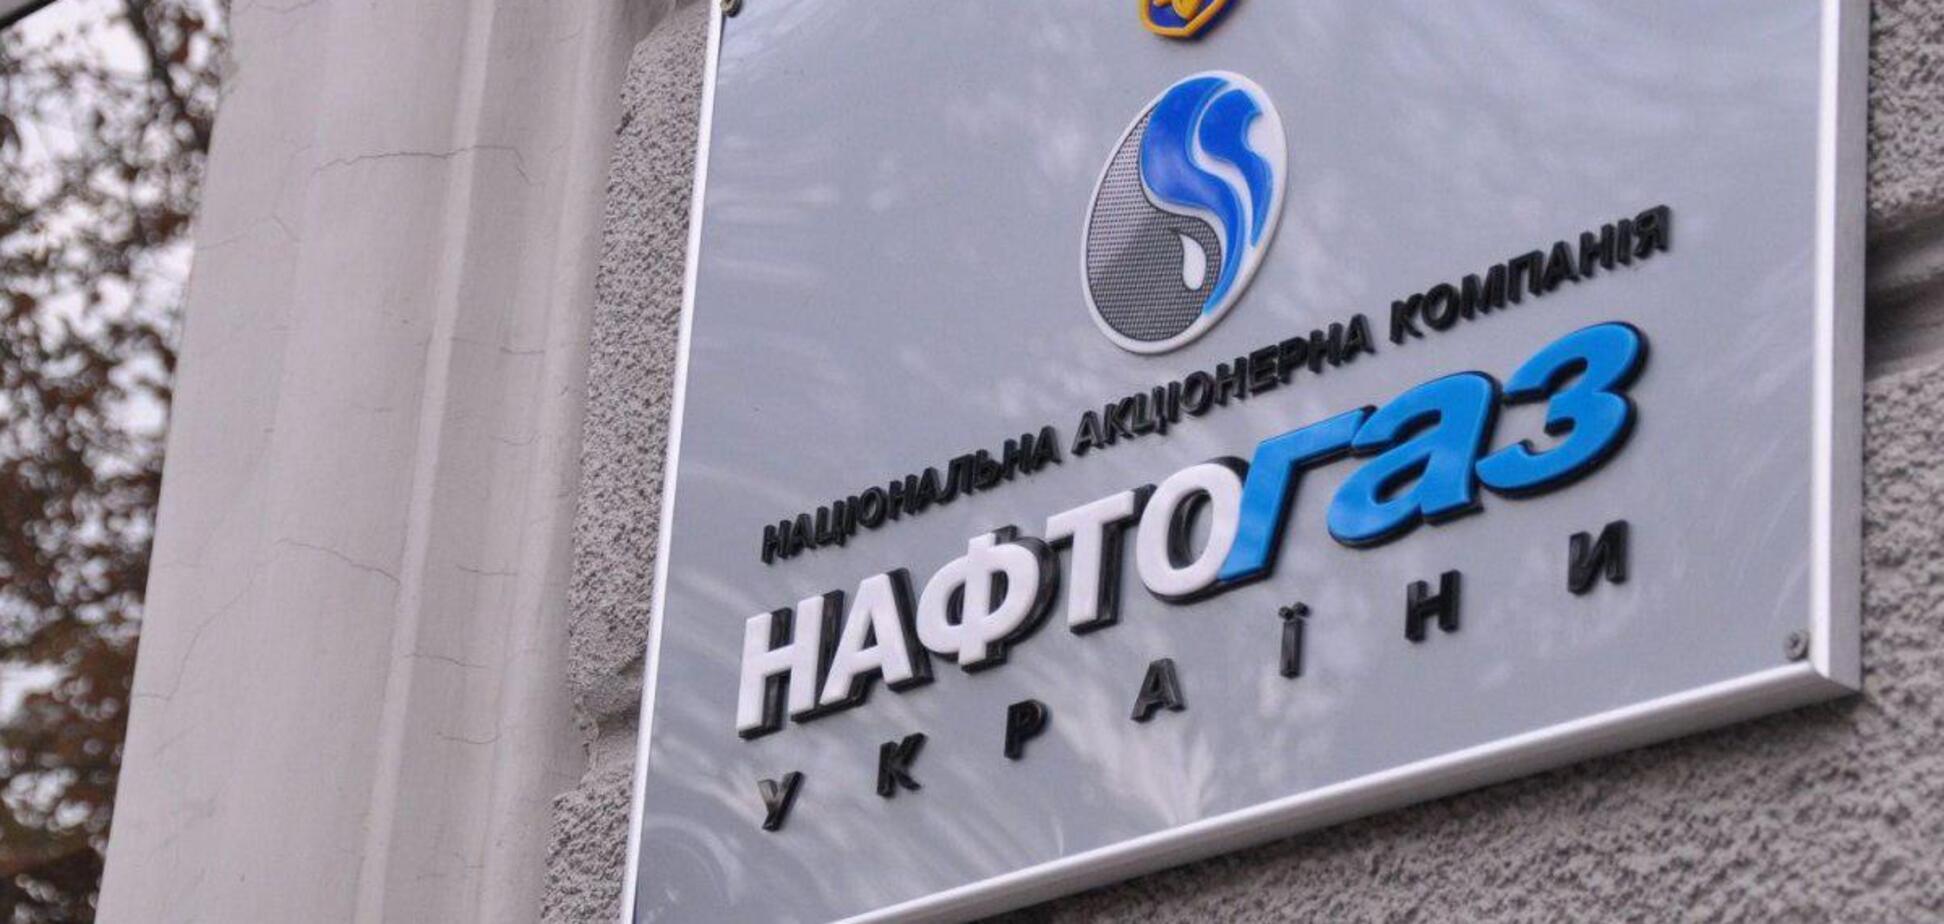 Екстопменеджера 'Нафтогазу' підозрюють у завданні державі збитків на суму 153,2 млн грн – ЗМІ